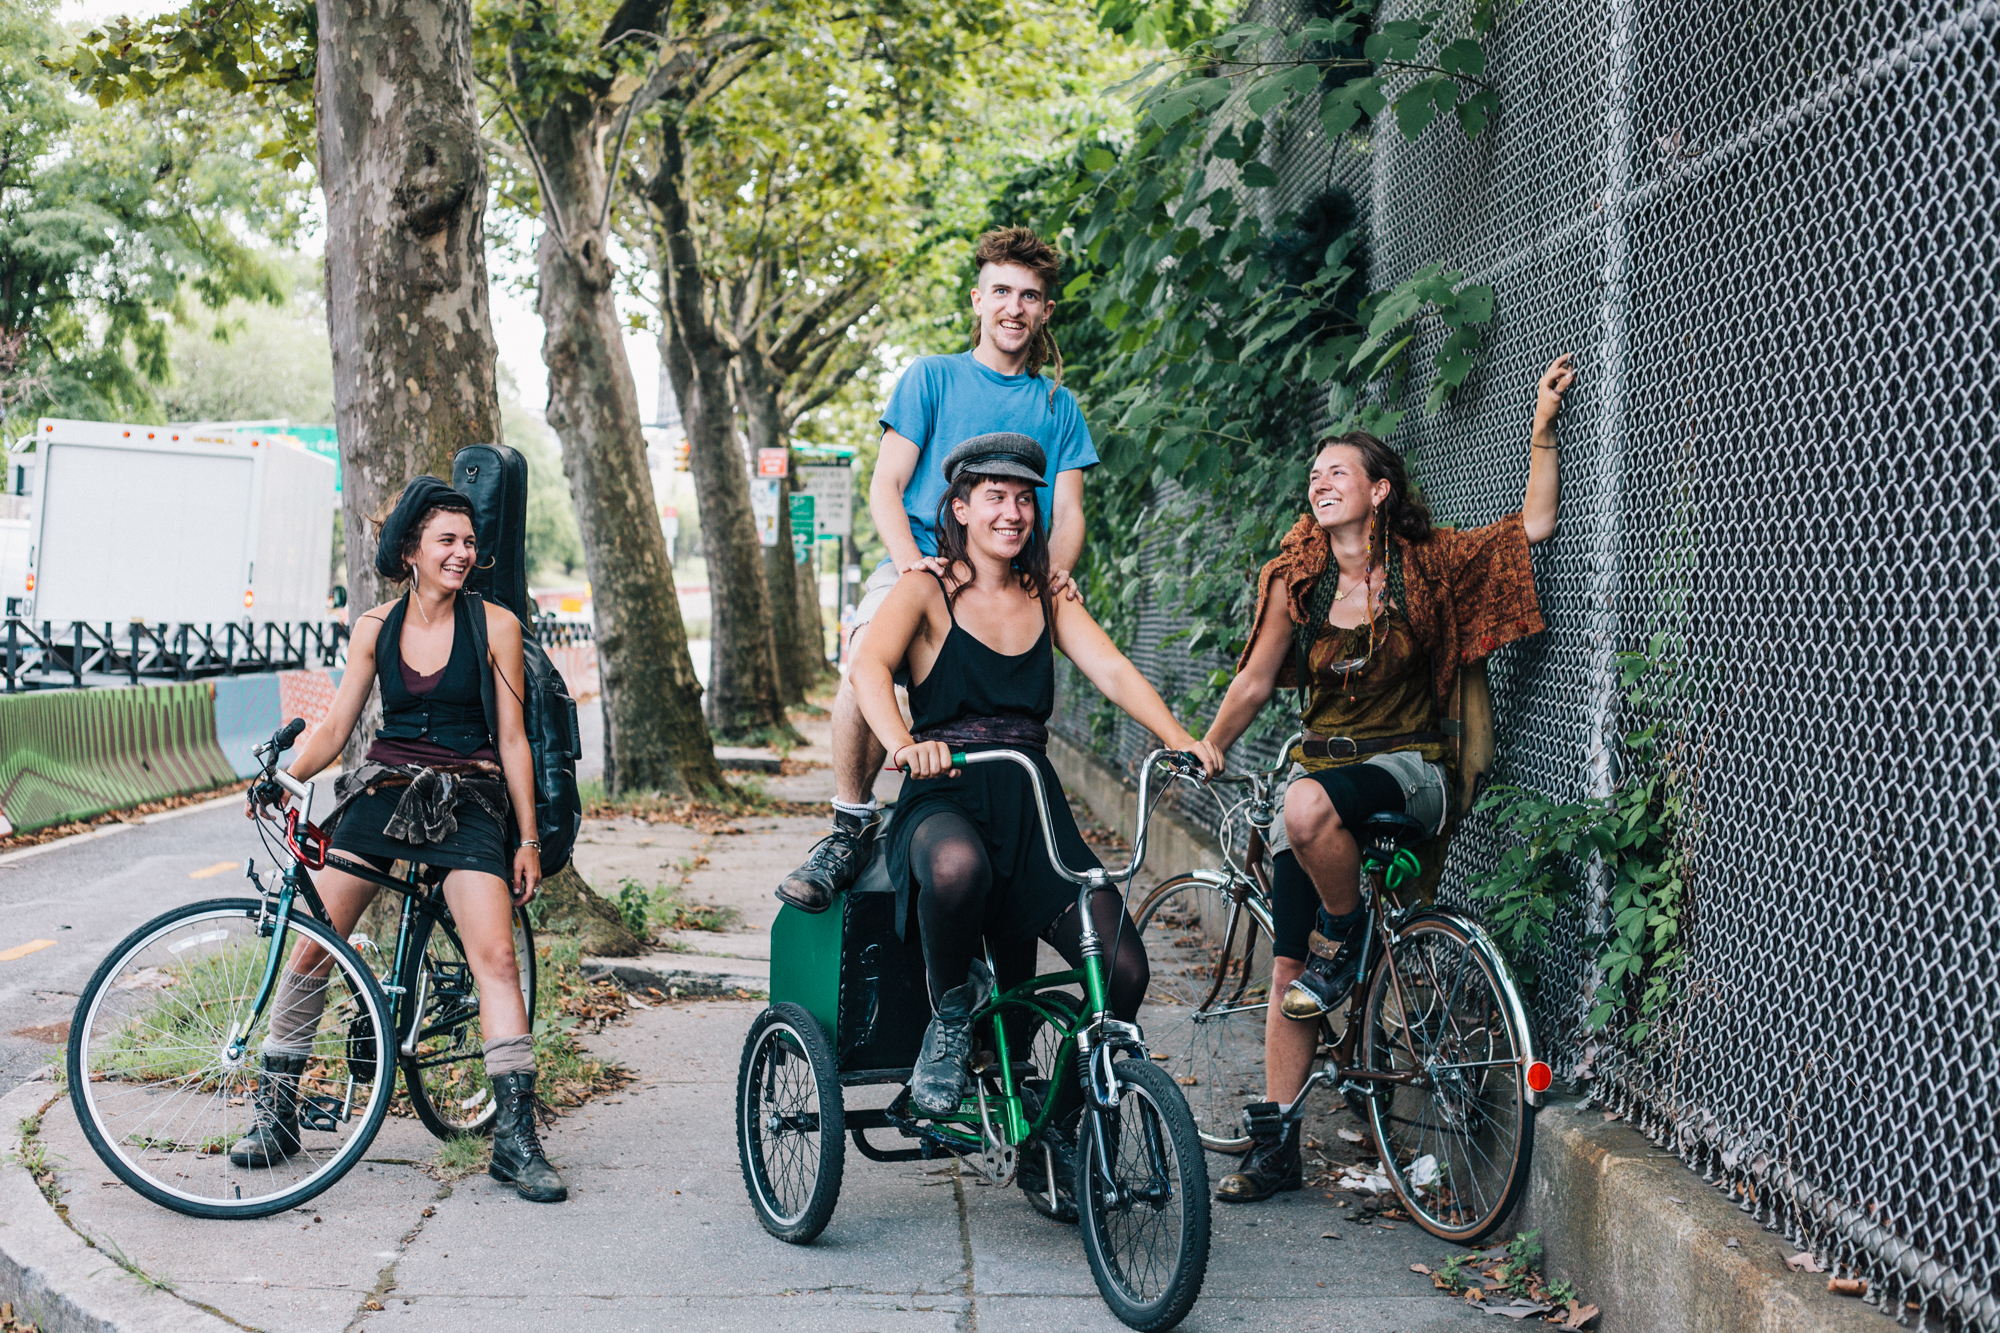 bikestyle-14.jpg